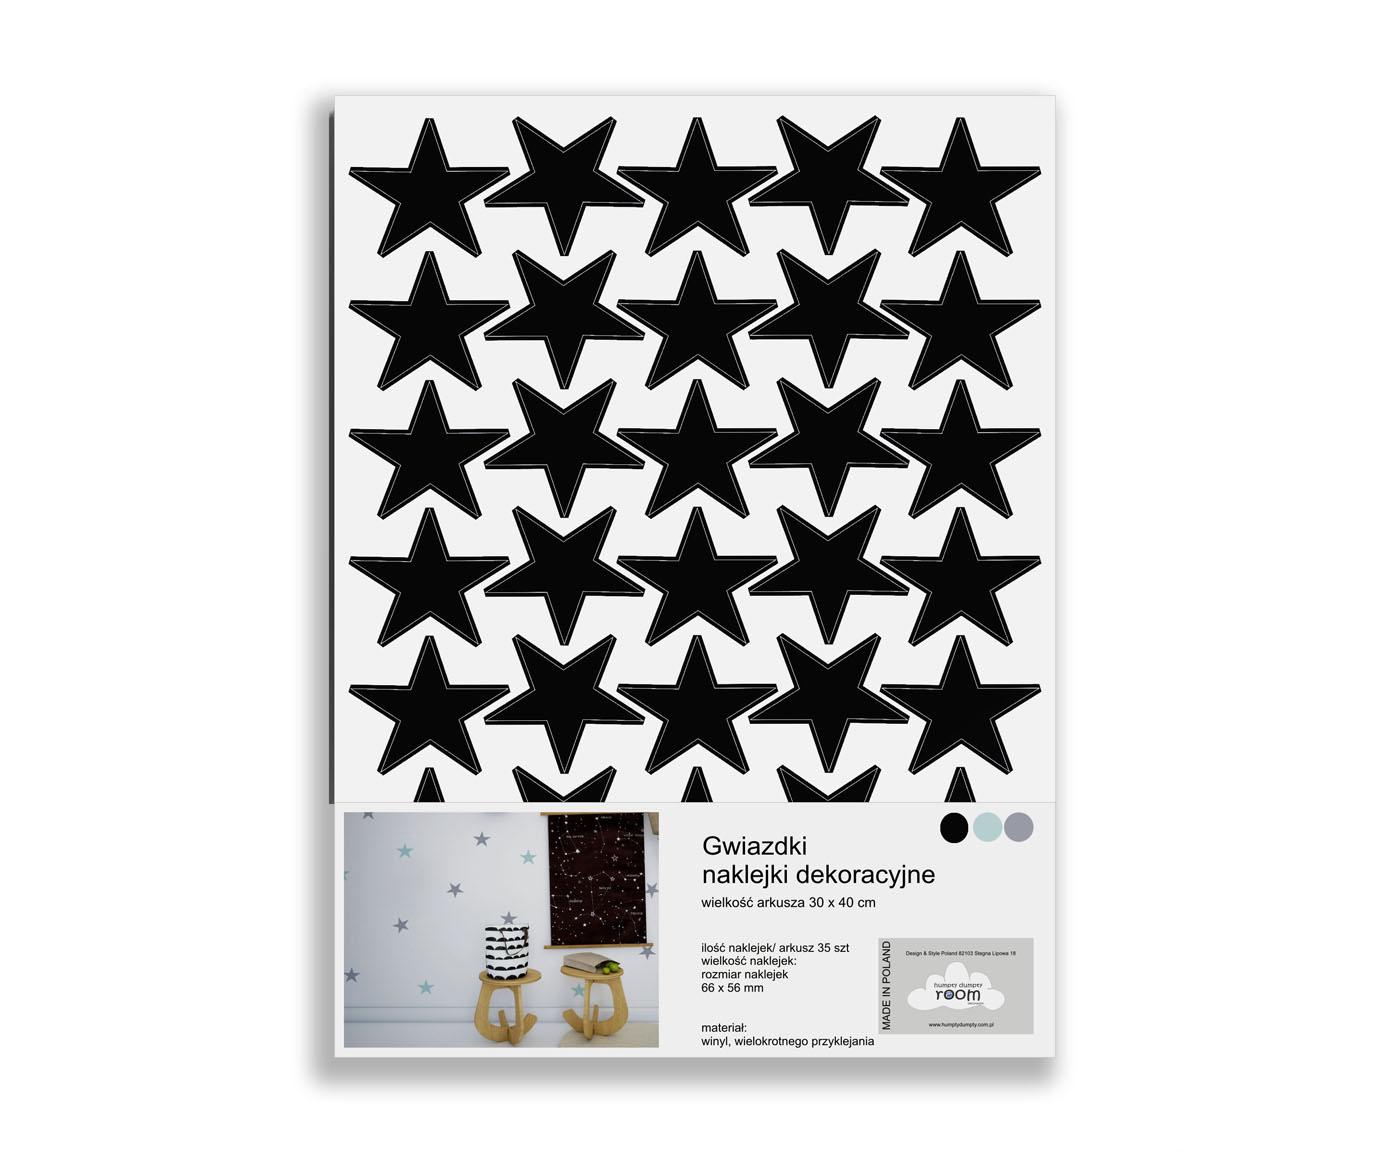 Naklejki na ścianę do pokoju dziecka-gwiazdki czarne